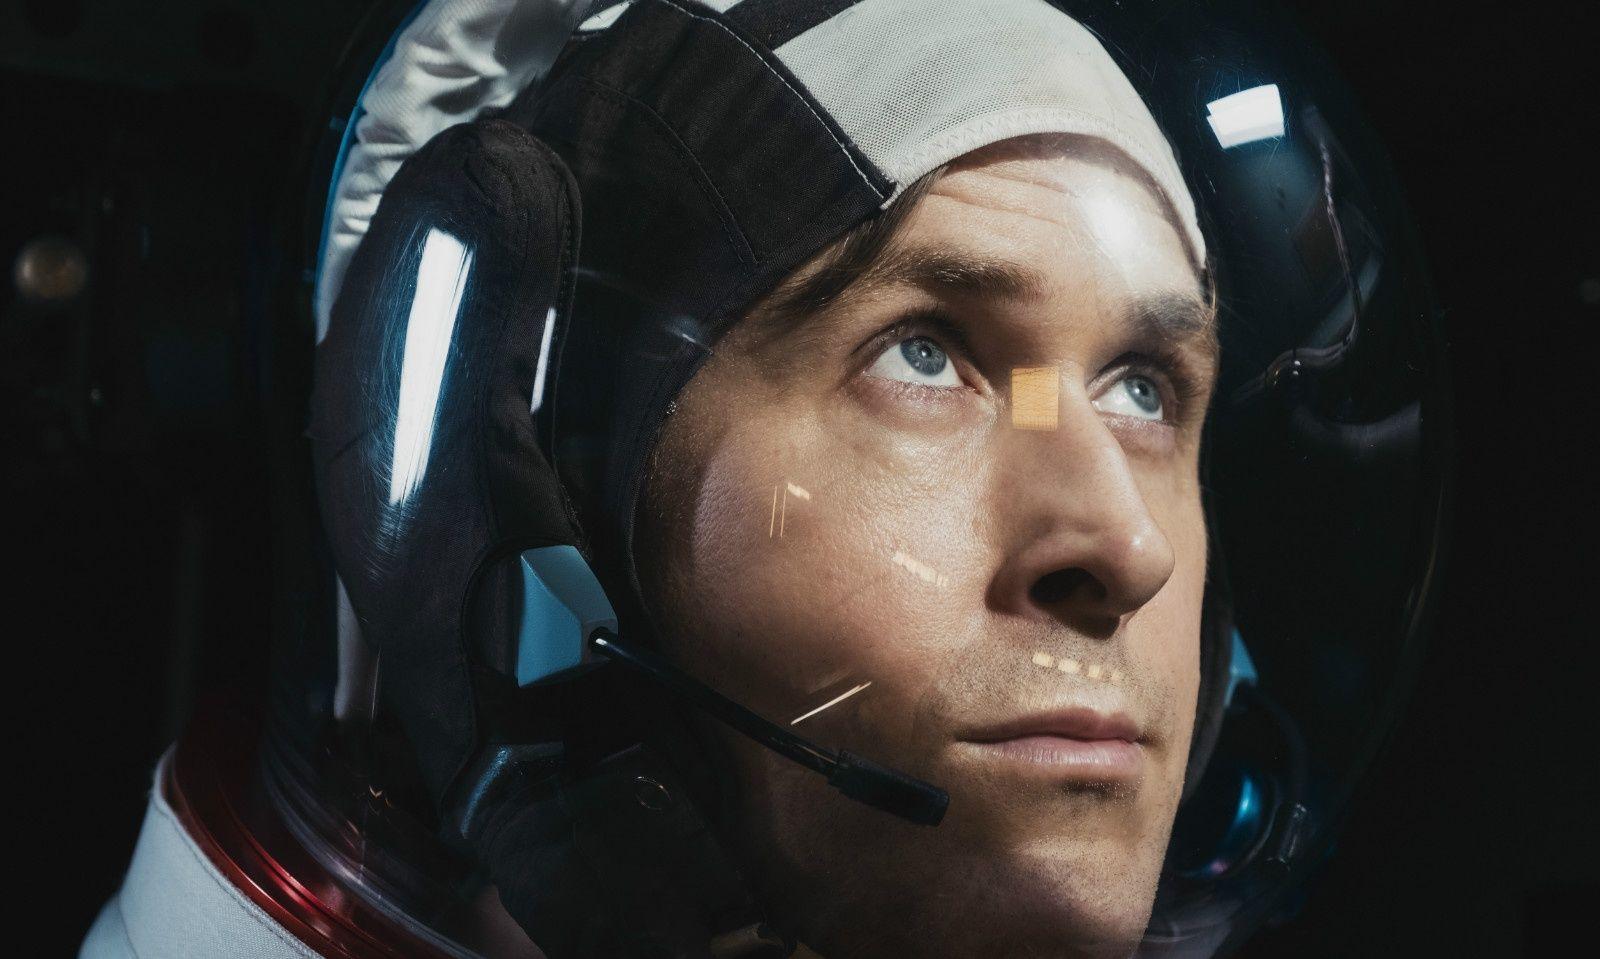 《火星救援》作者新书改编 瑞恩·高斯林再演宇航员